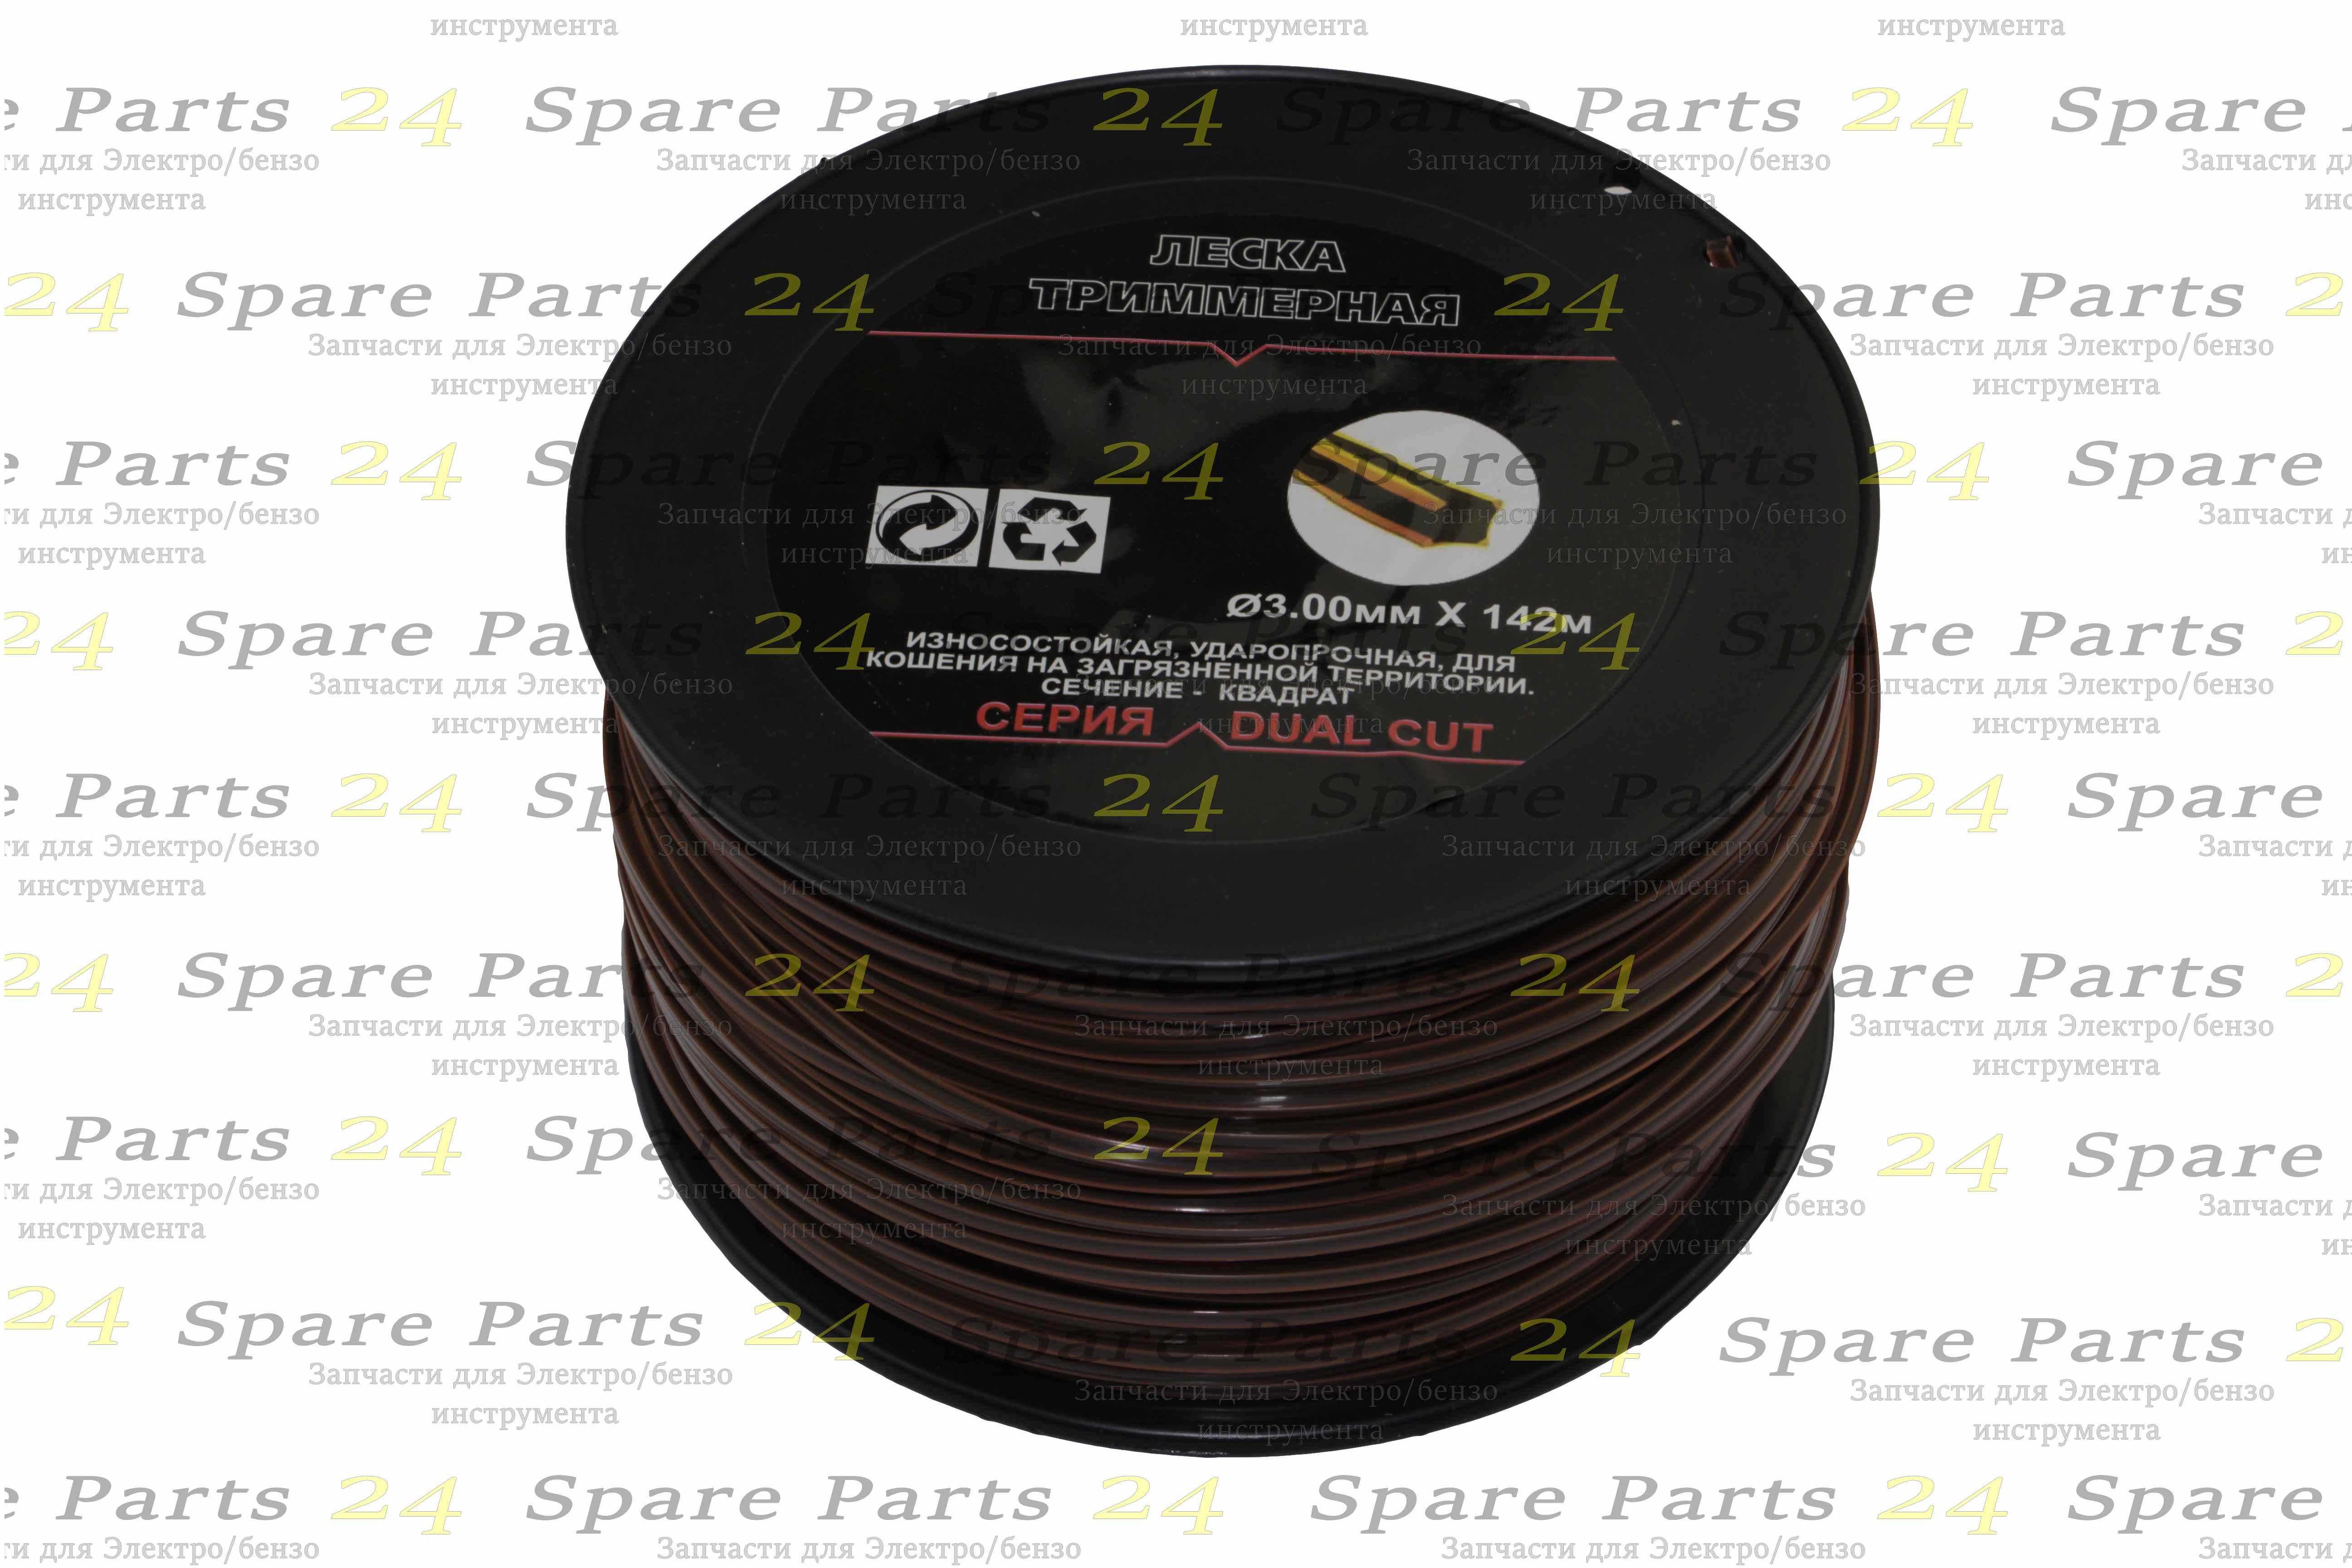 Запчасти для бензокос / Леска триммерная сечение квадрат серии DUAL CUT 3,00мм(142м)